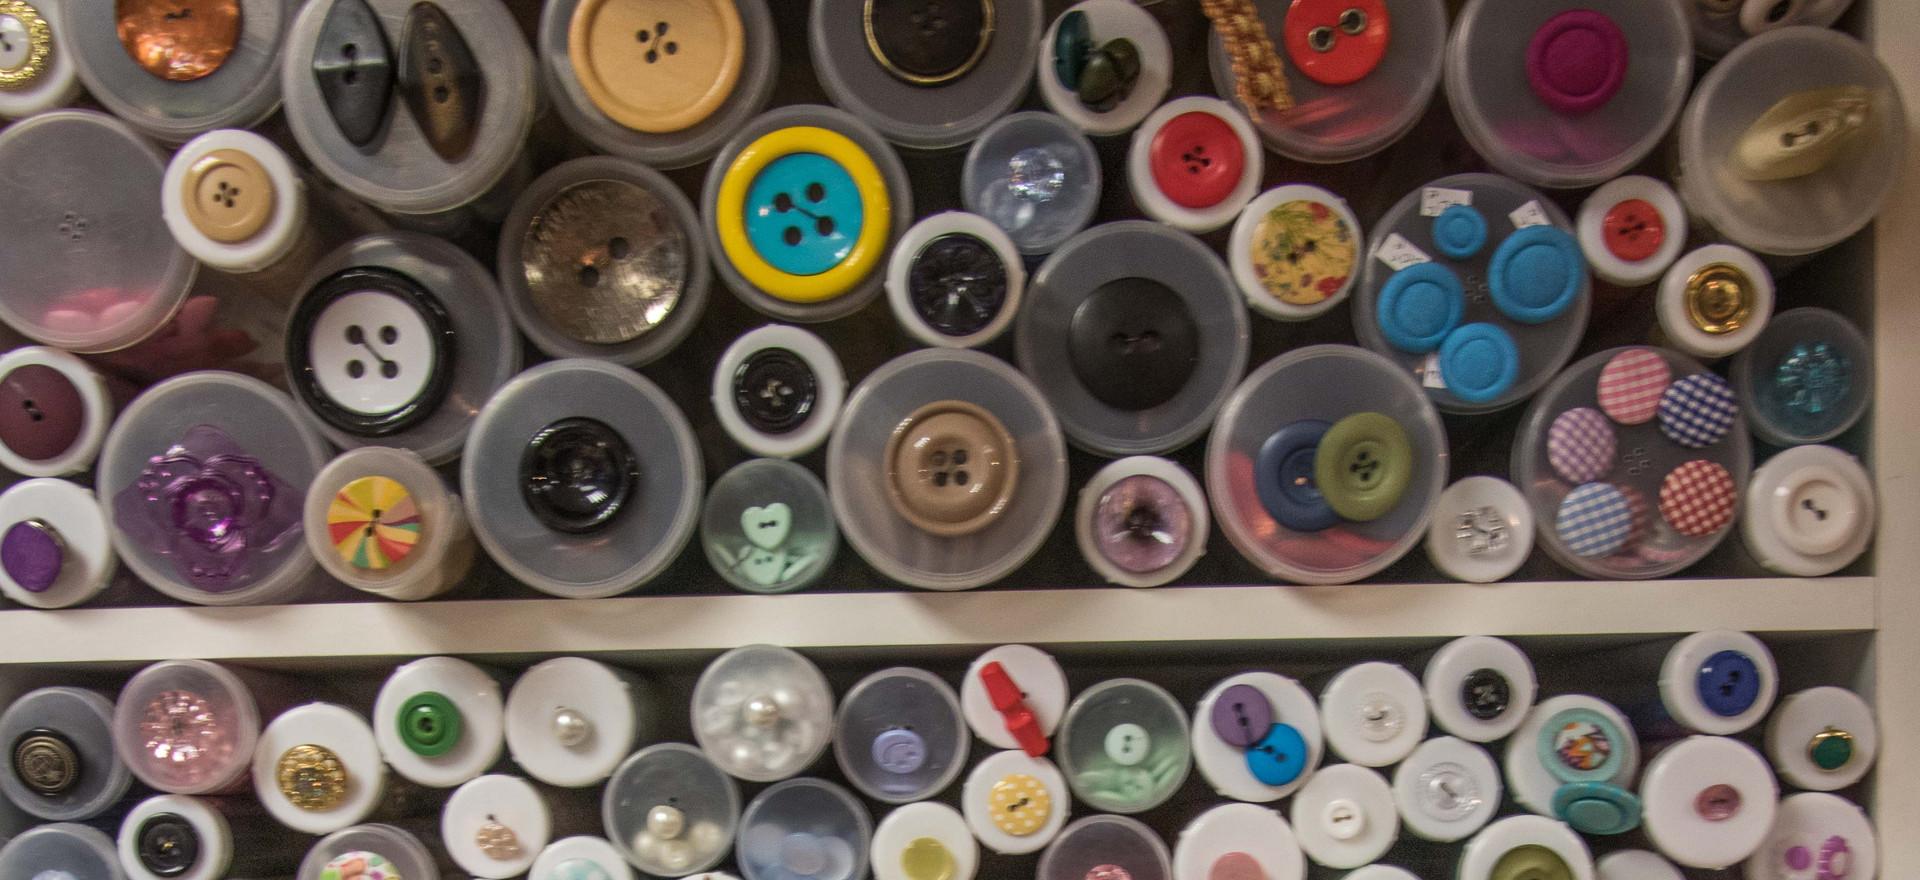 buttons3 (1 of 1).jpg